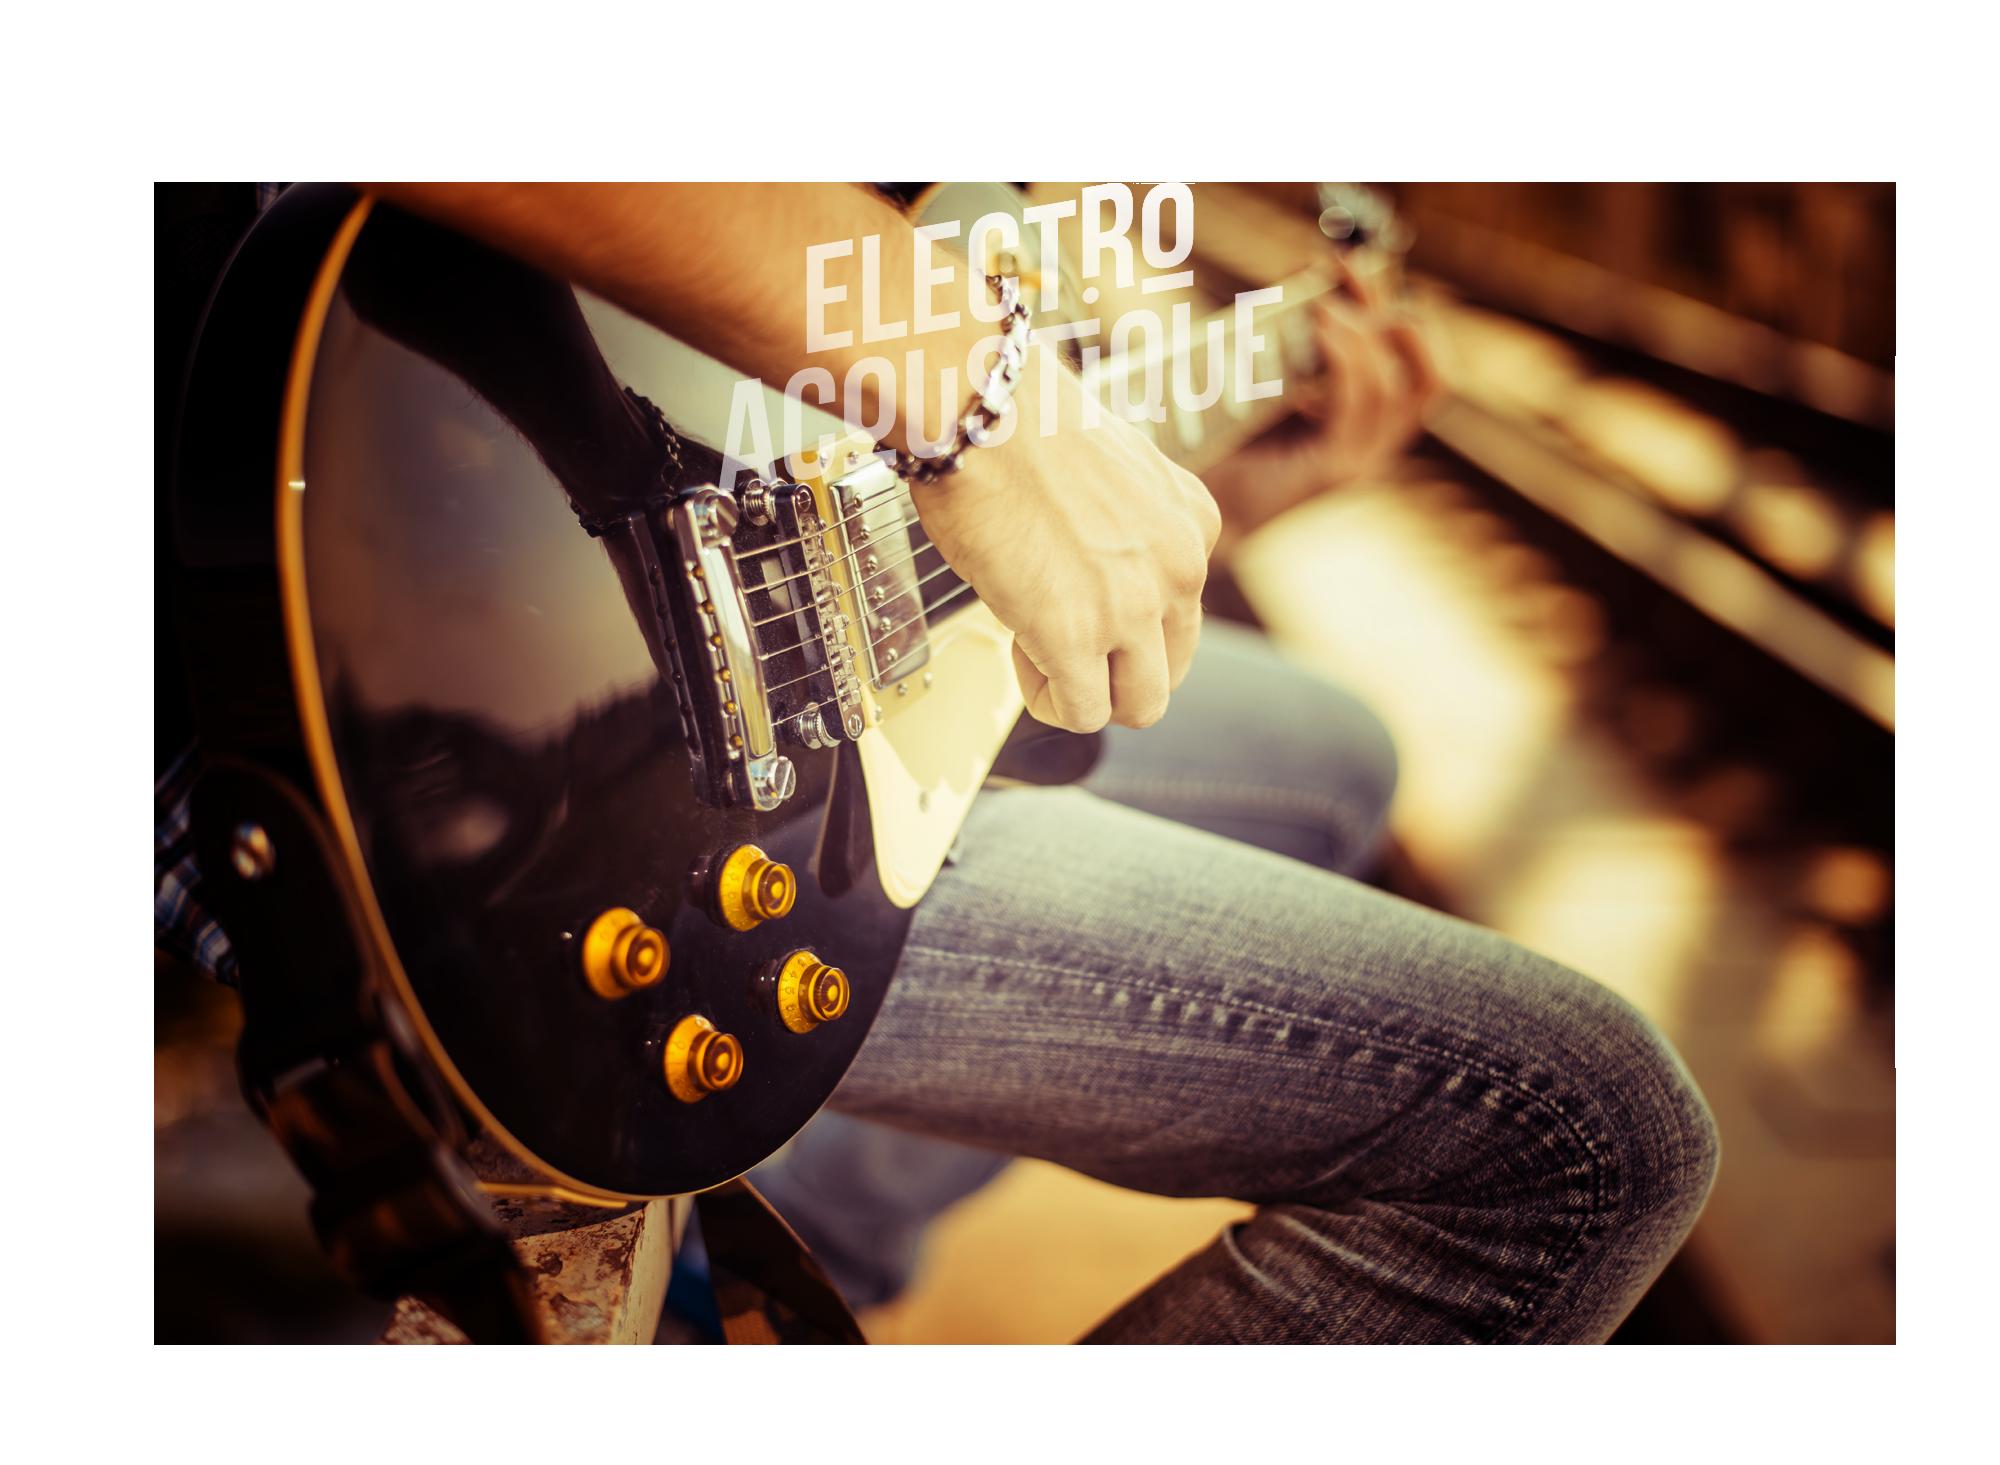 Électro-acoustique